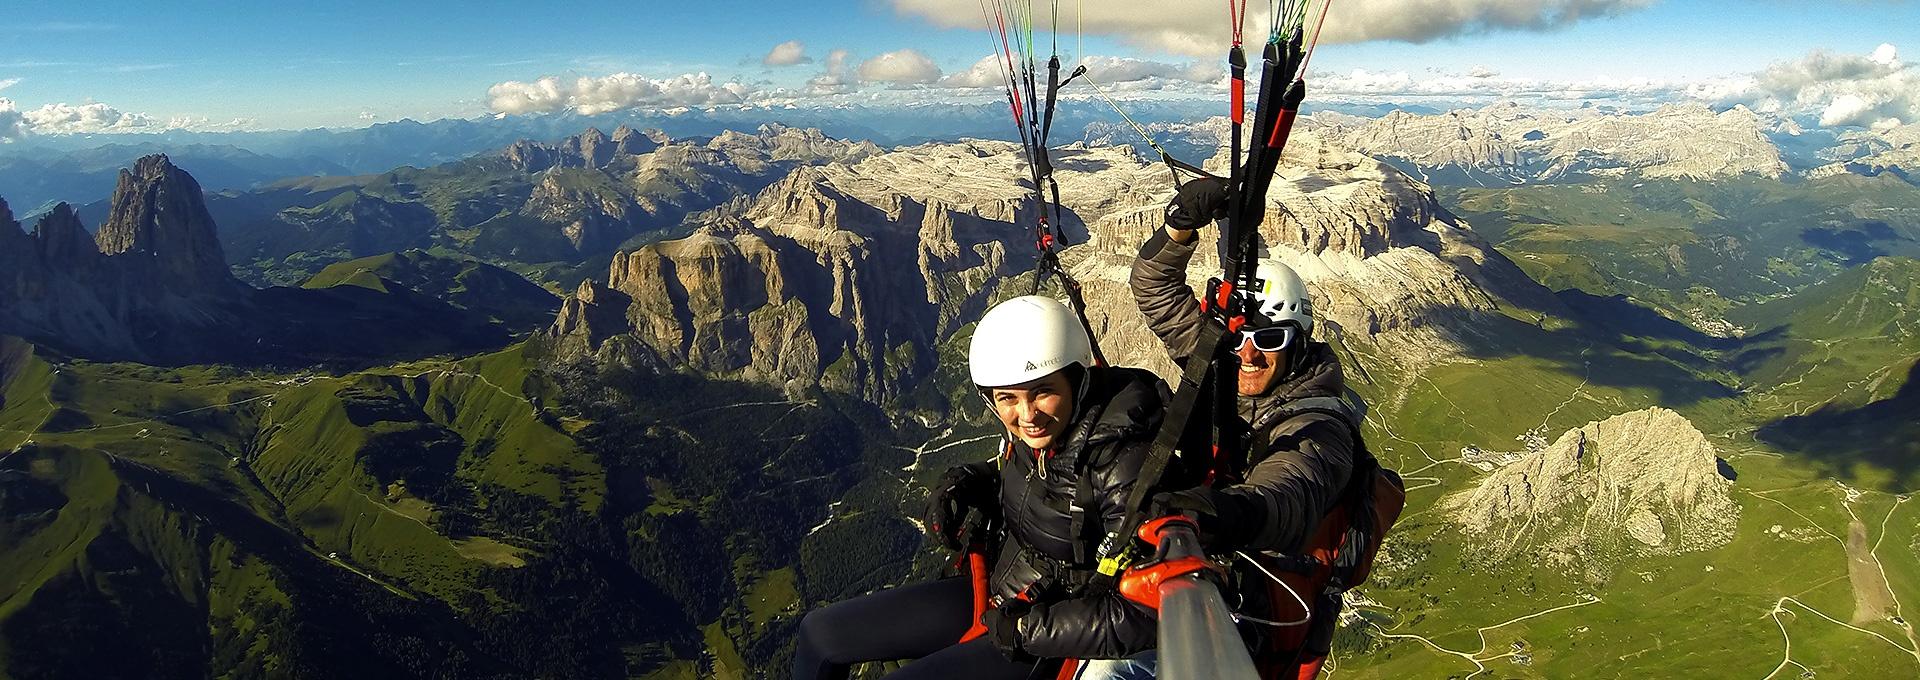 paragliding Dolomites tandem